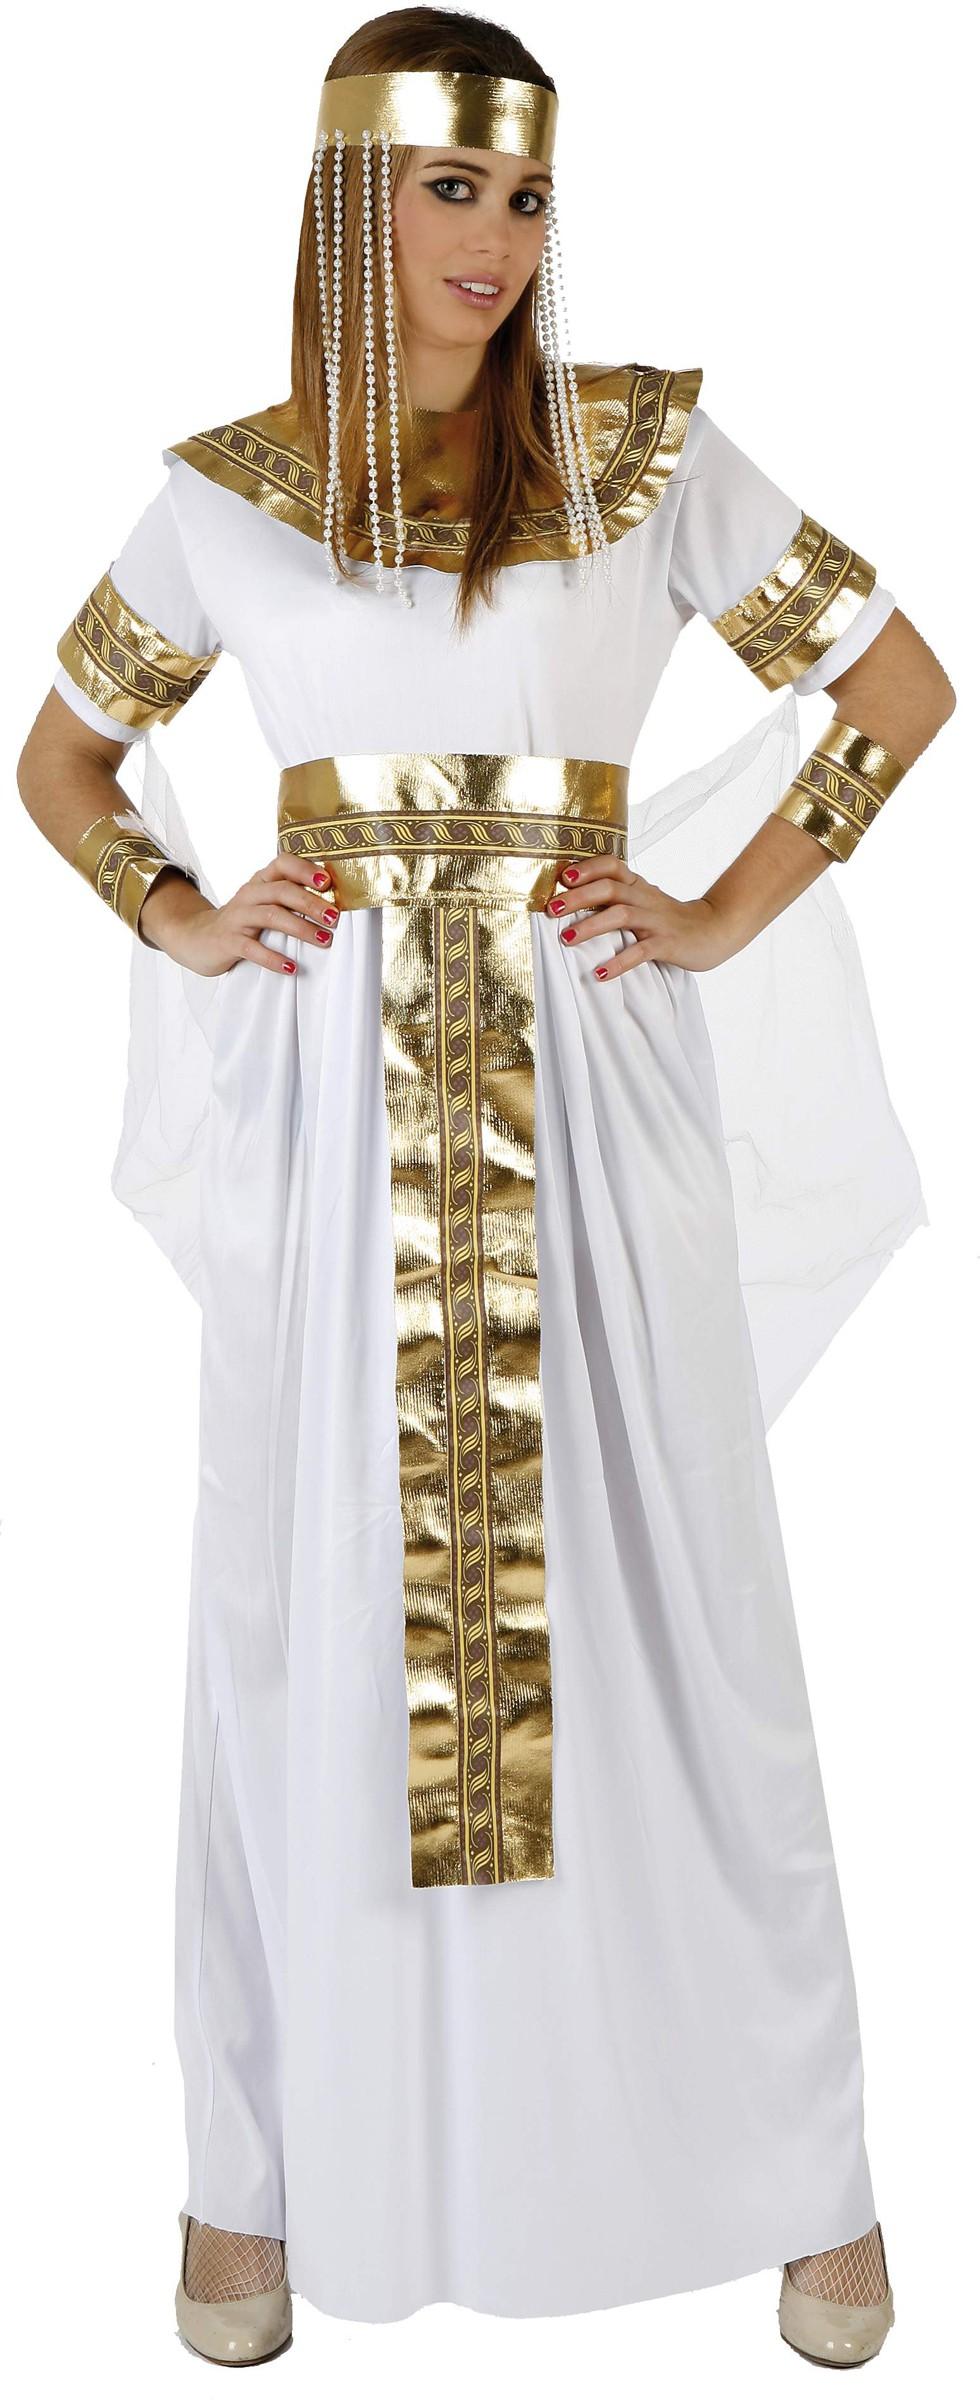 Populaire Déguisements pas chers par pays - Costume Egypte, Mexique, Rome  AH14